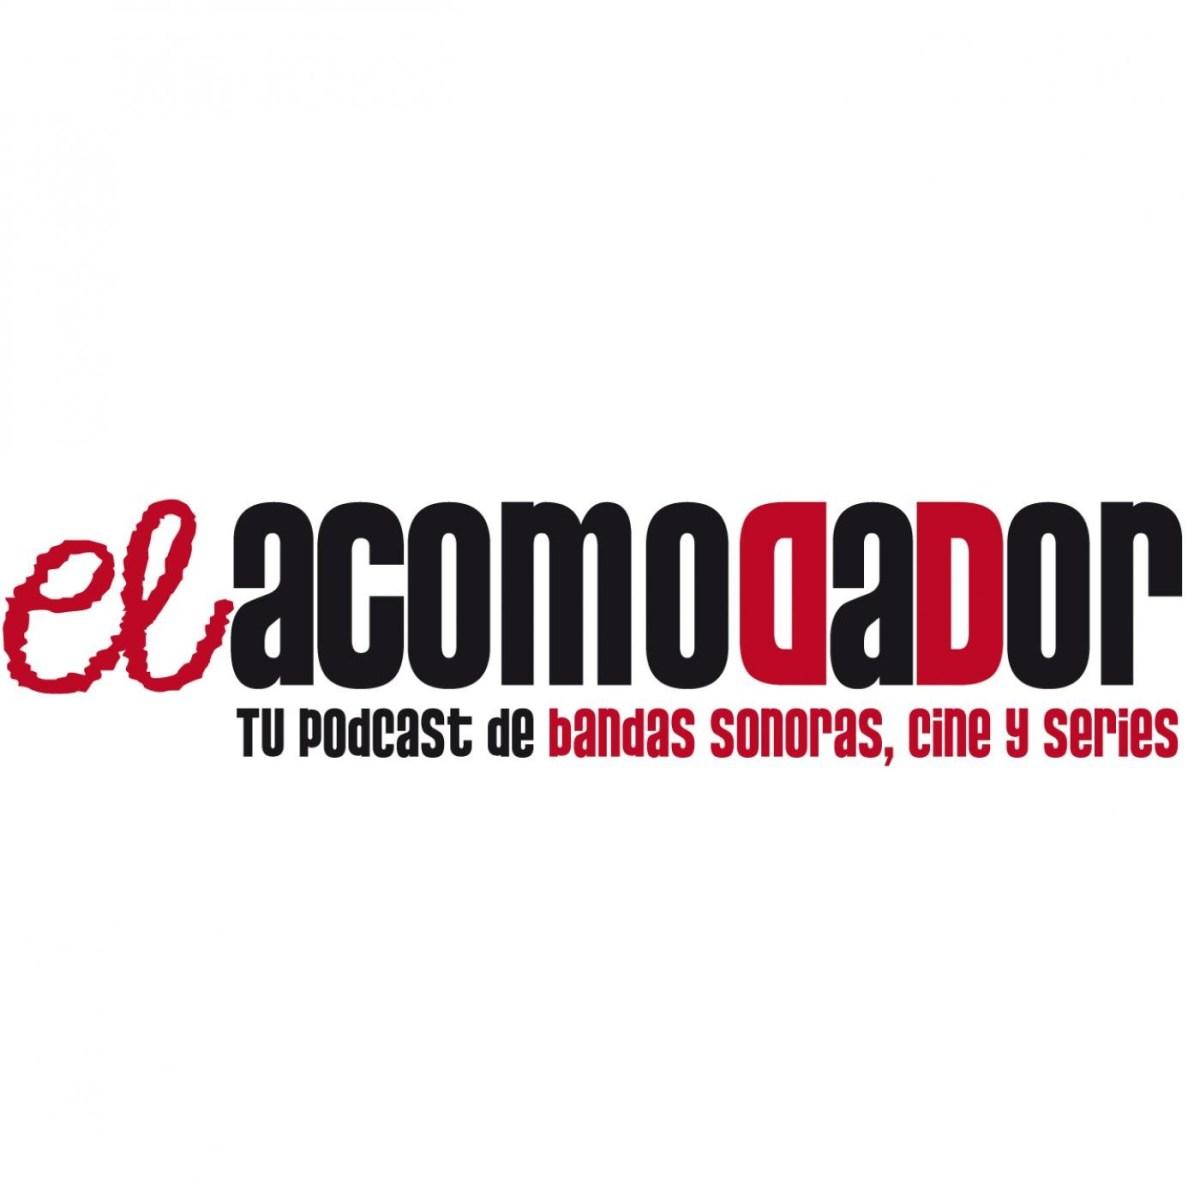 El Acomodador - Podcast de Bandas Sonoras y Cine